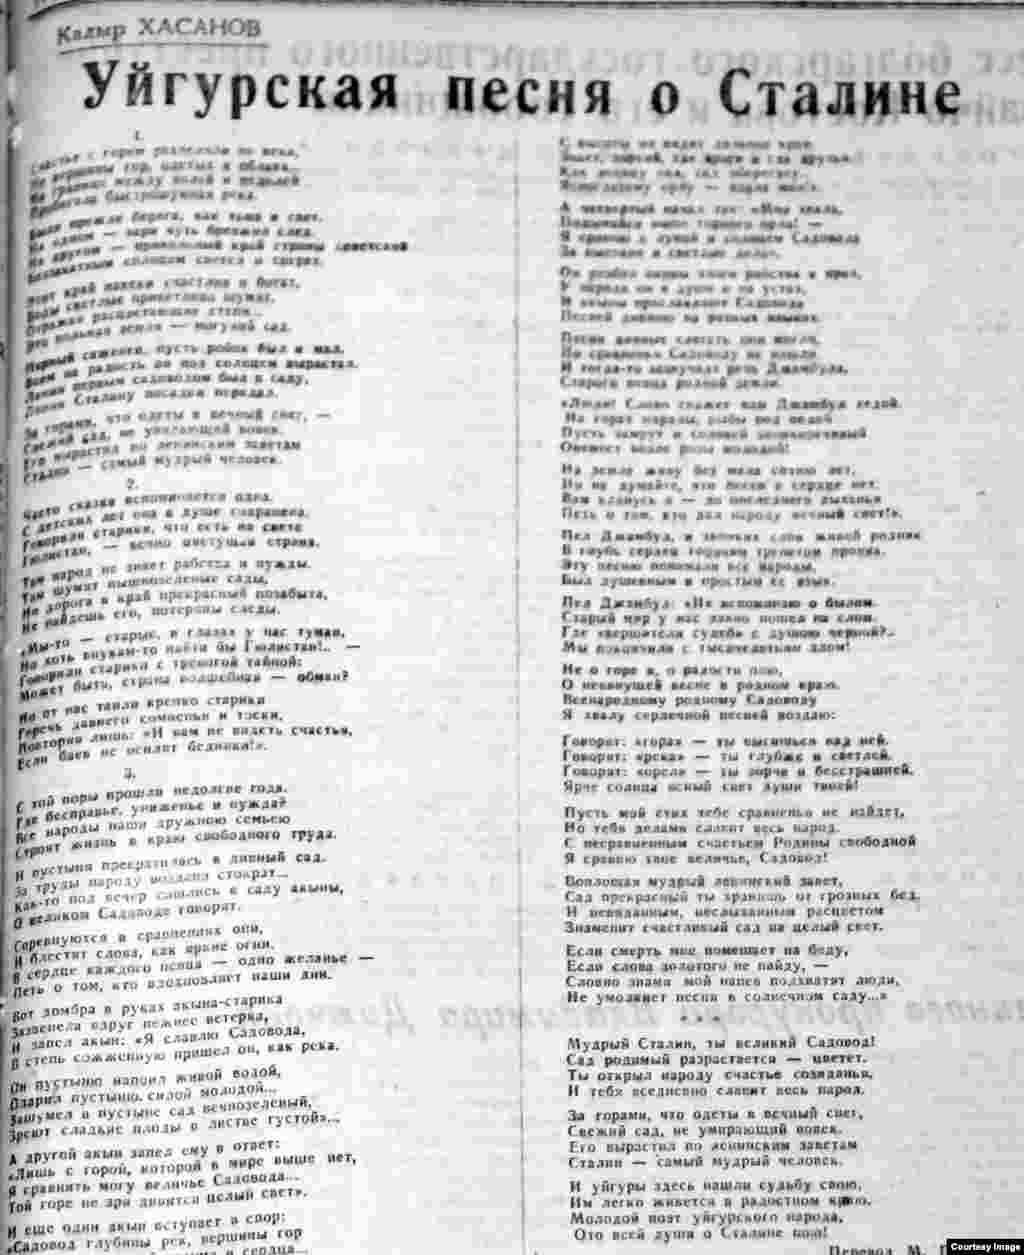 Кадыр Хасанов (1912 – год смерти установить не удалось) – один из классиков уйгурской литературы и драматургии. Первые стихотворения опубликовал в 1934 году и после этого выпустил более десяти стихотворных сборников и несколько пьес. Выступал как переводчик на уйгурский язык и как критик уйгурской советской литературы. Вместе с женой, филологом Айшам Шамиевой, разработал уйгурский алфавит на основе кириллицы. Поэтические панегирики разных авторов в адрес Иосифа Сталина – кладезь эпитетов и метафор. В стихотворении Кадыра Хасанова «Уйгурская песня о Сталине» (напечатано в «Казахстанской правде» 24 декабря 1949 года) вождь предстает как великий Садовод.